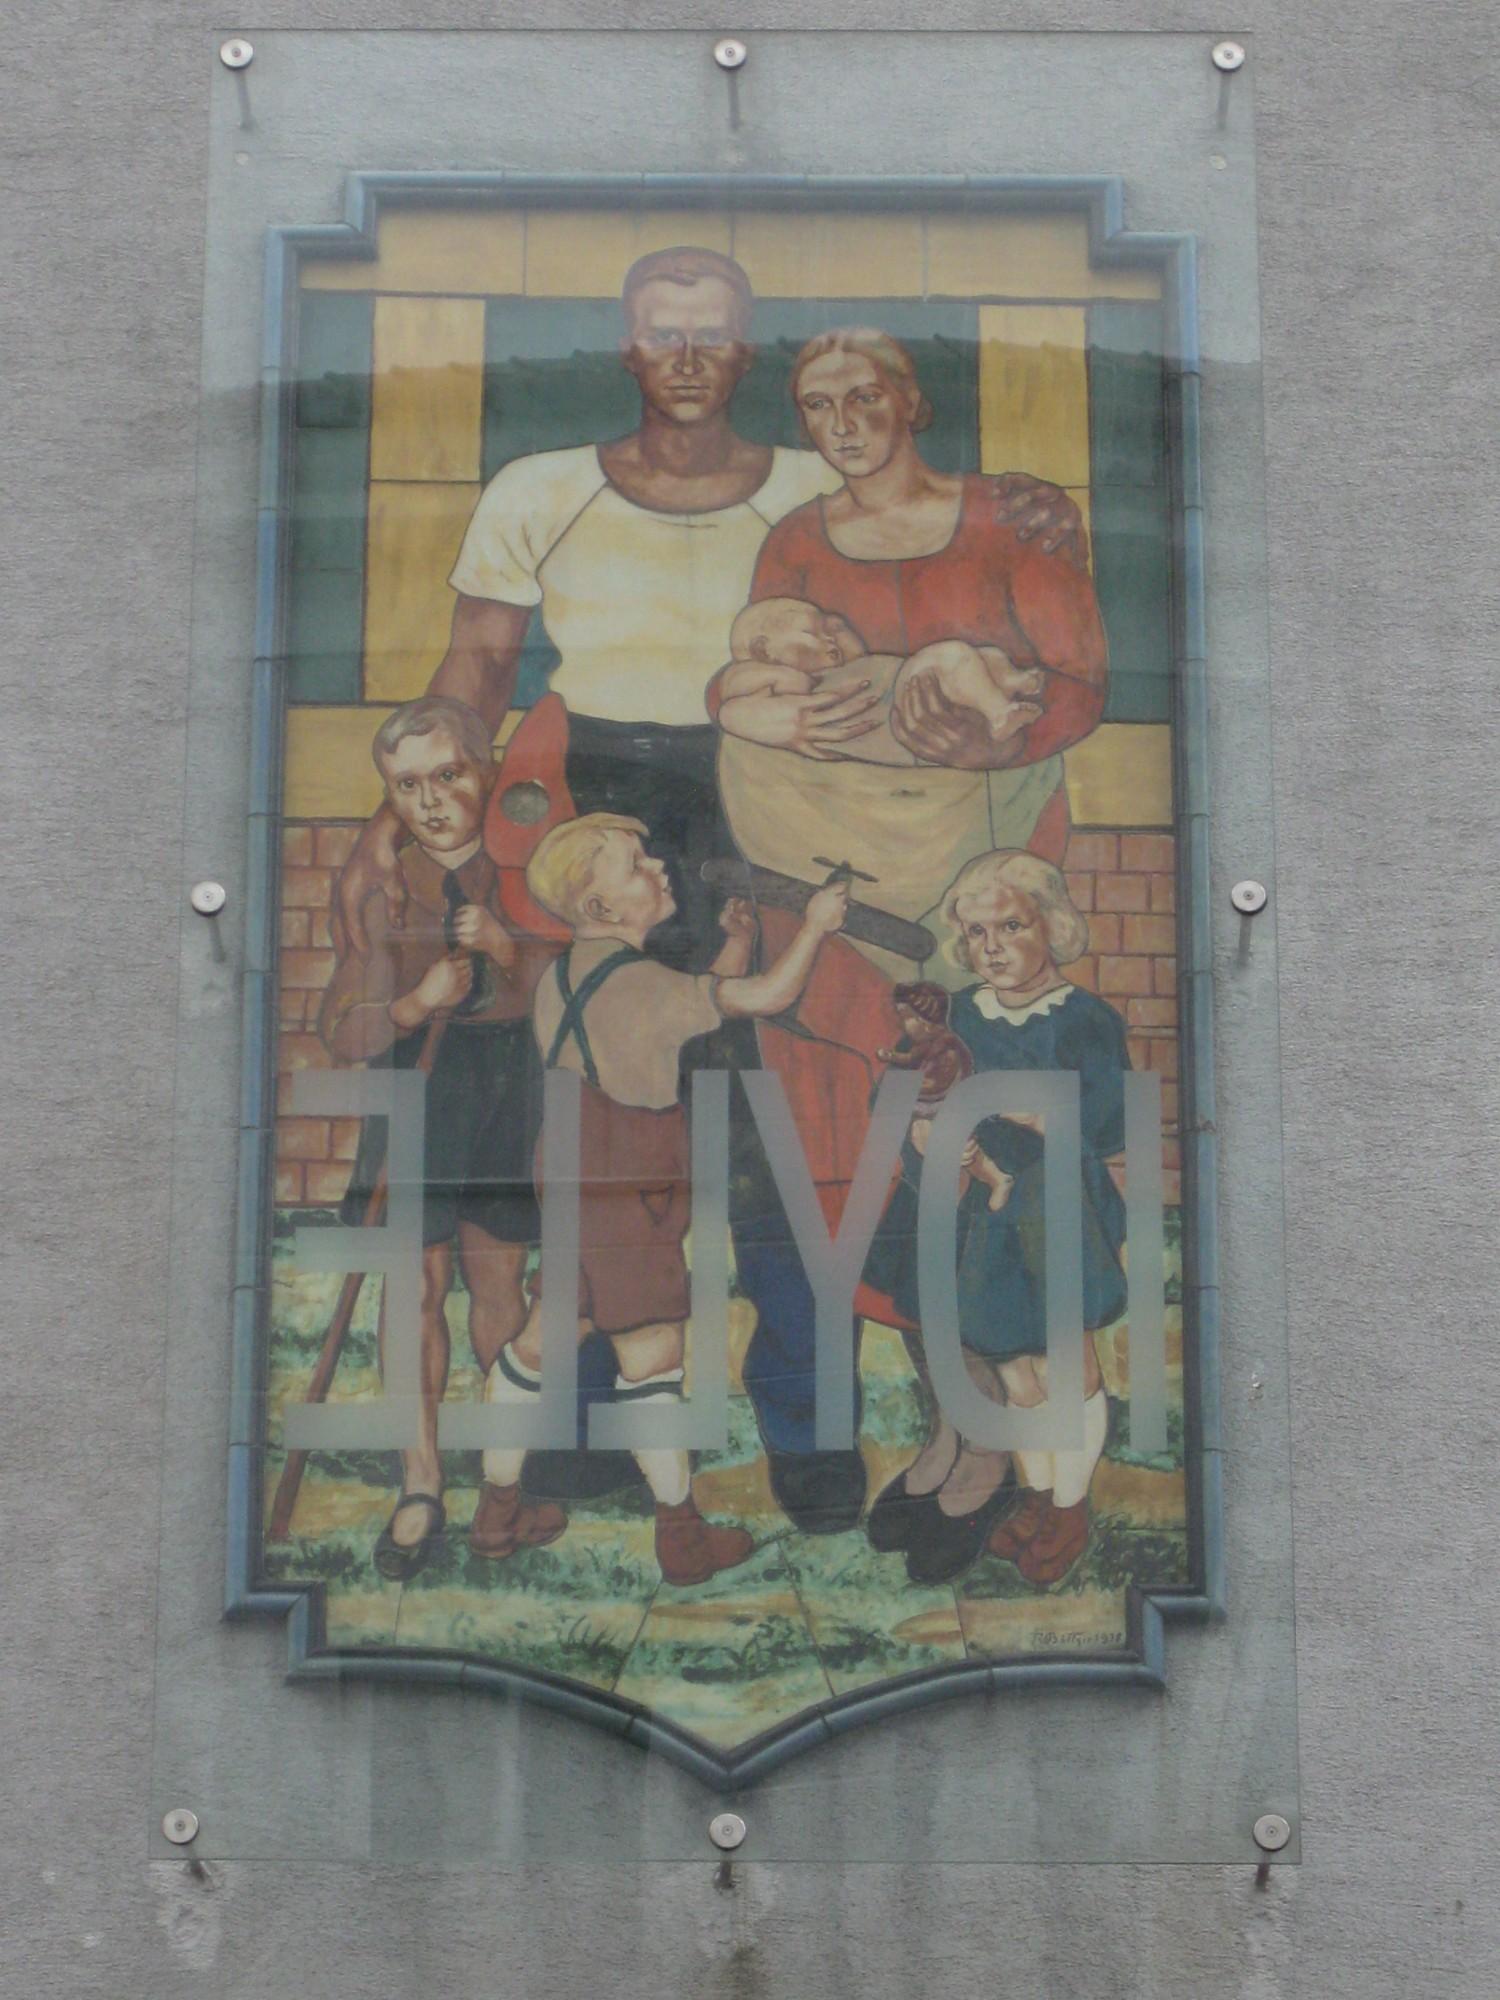 Wandbild 39 familie 39 1939 mit intervention 39 idylle 39 von ulrike lienbacher 2002 5 bezirk - Wandbild familie ...